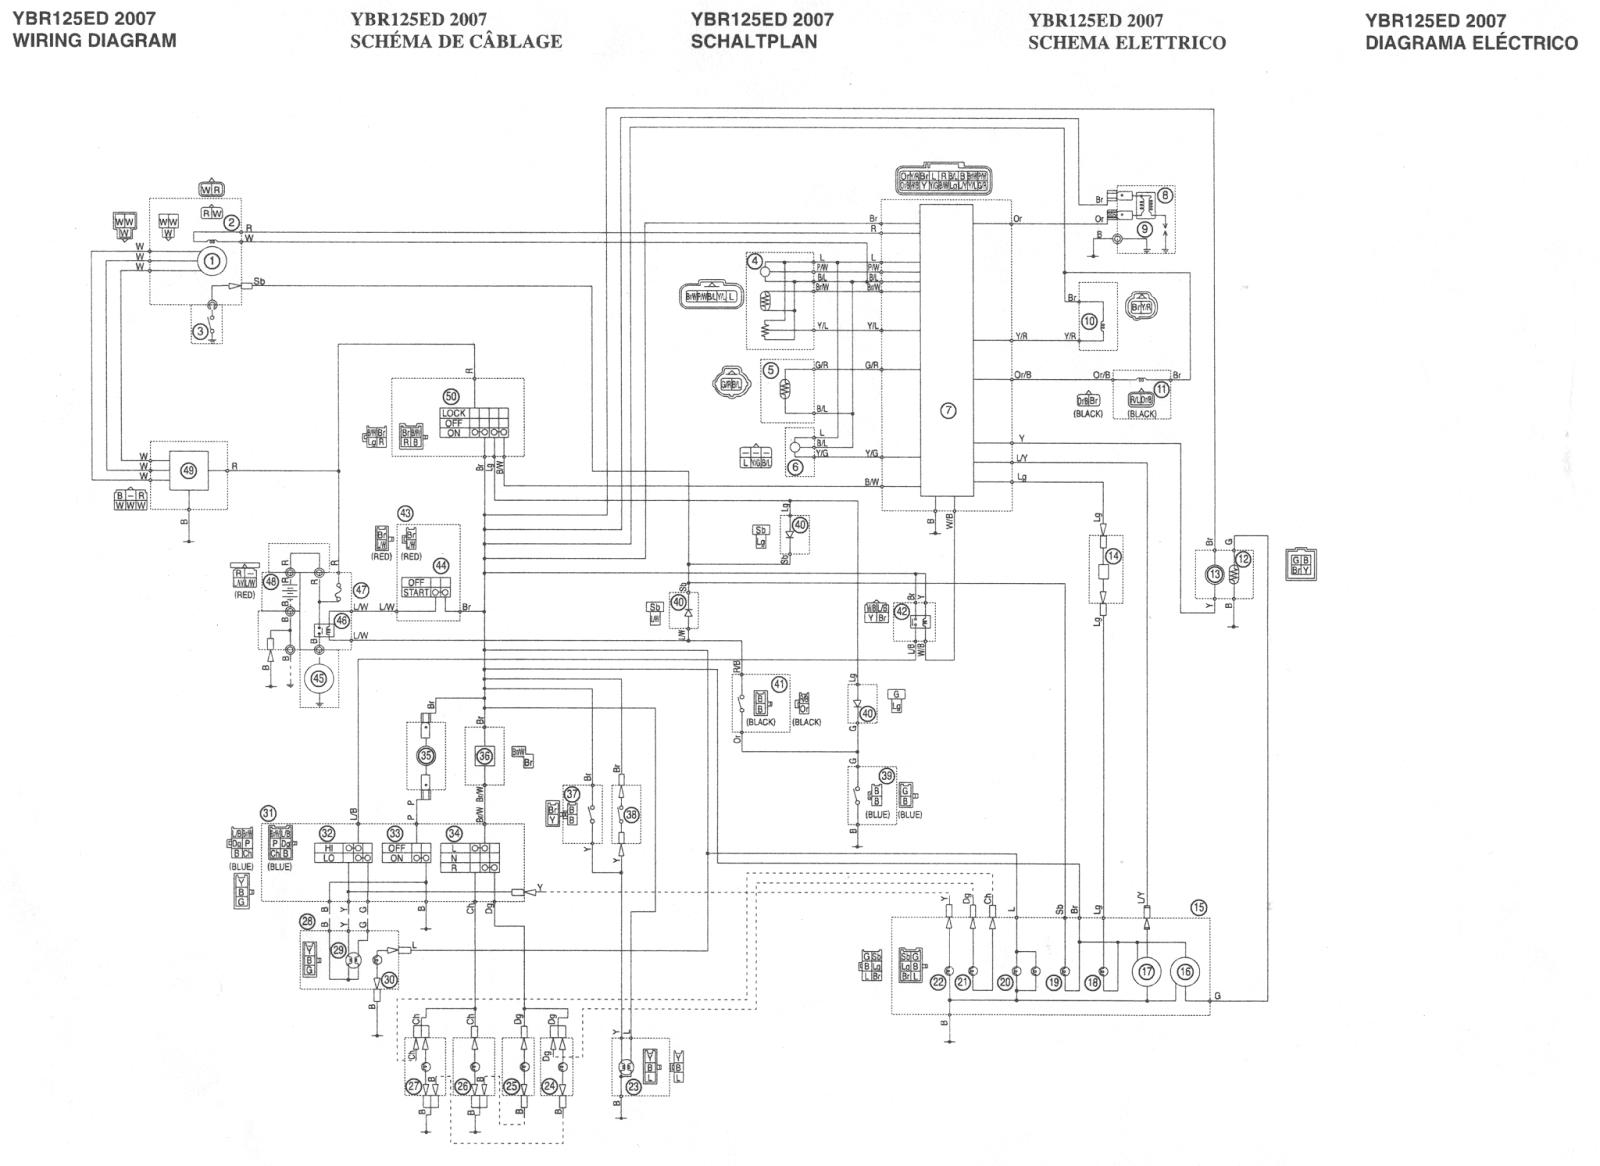 2007 ta wiring diagram